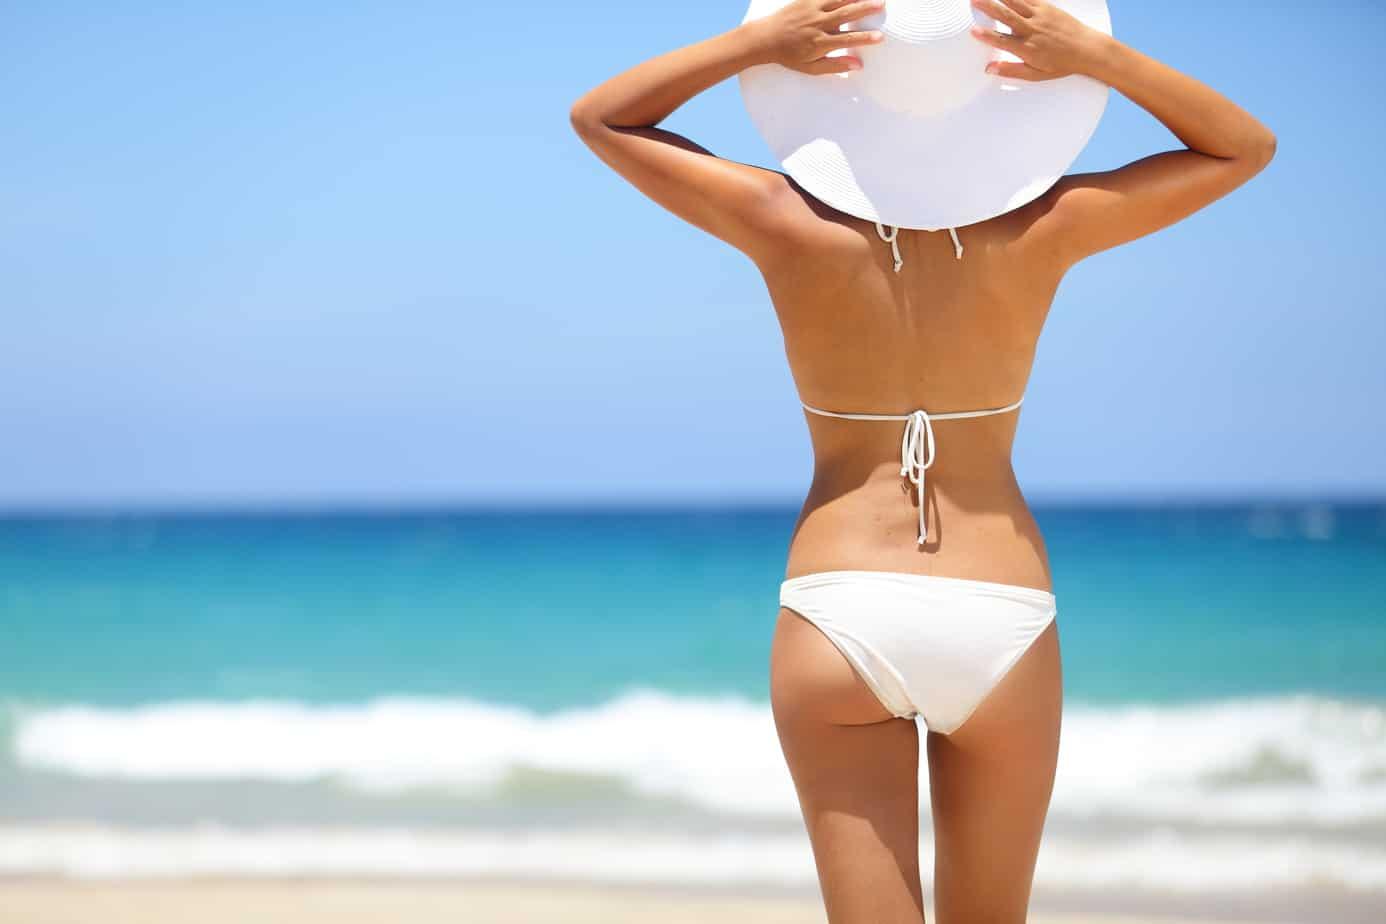 donna in vacanza al mare